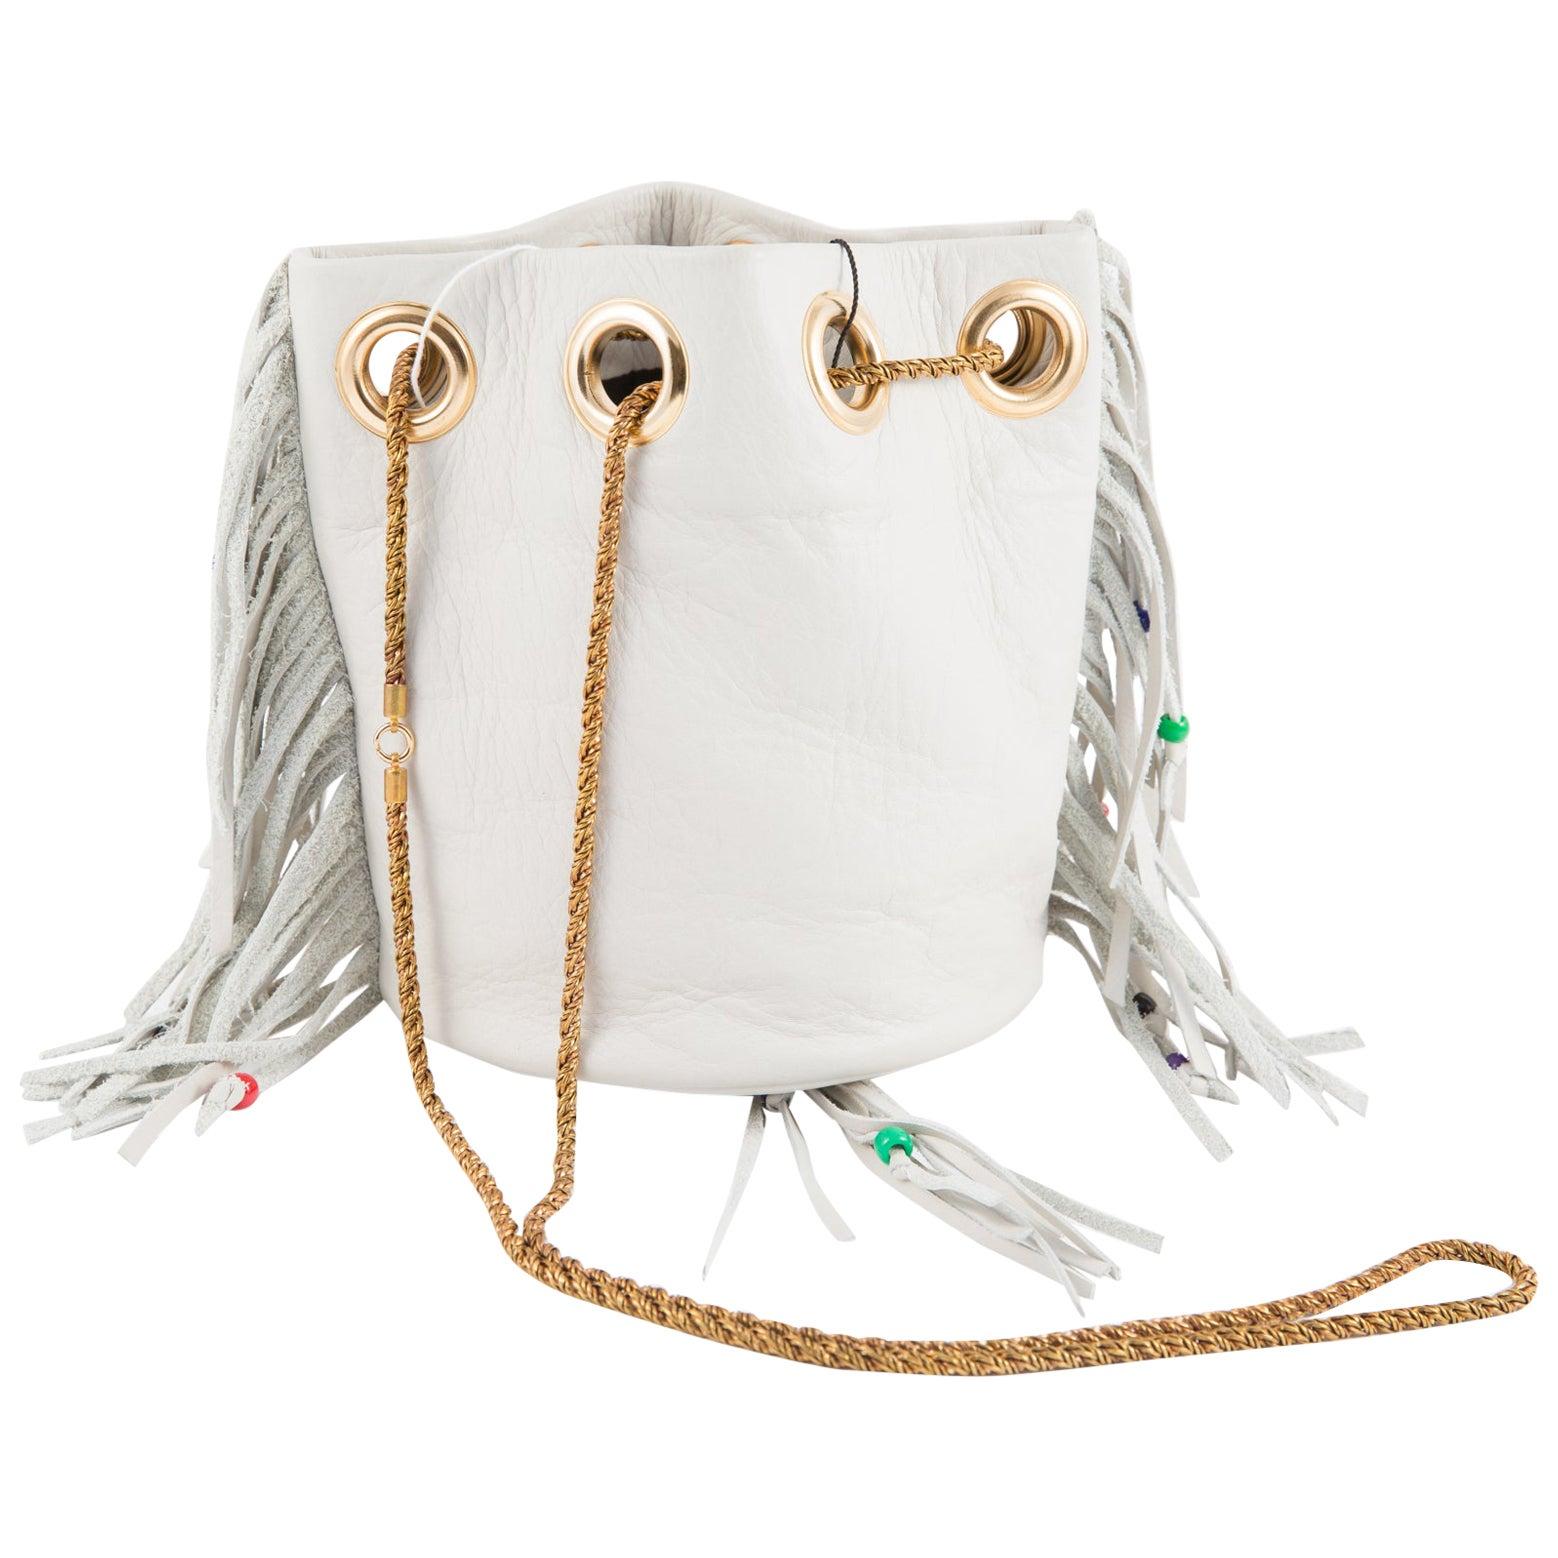 Hippy Look Fringed Off White Leather Shoulder Bag